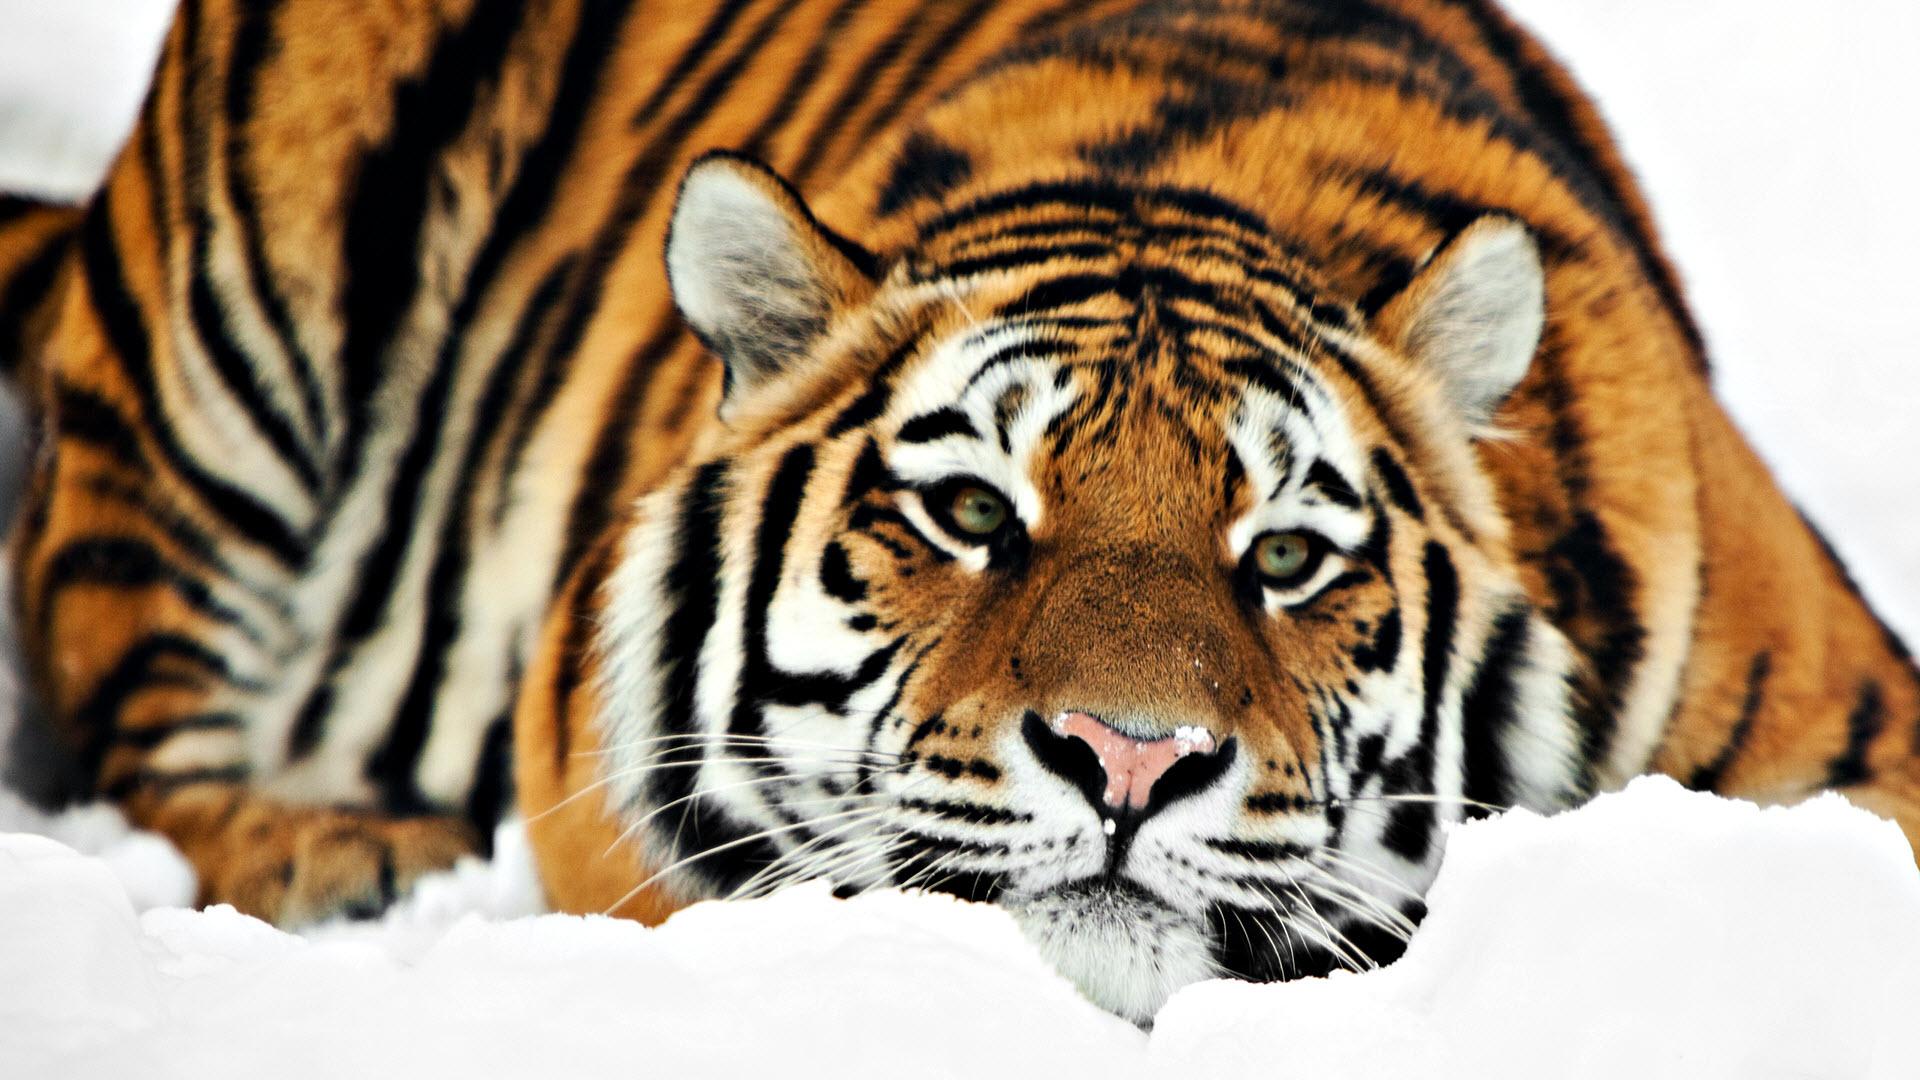 Tiger 1080p HD